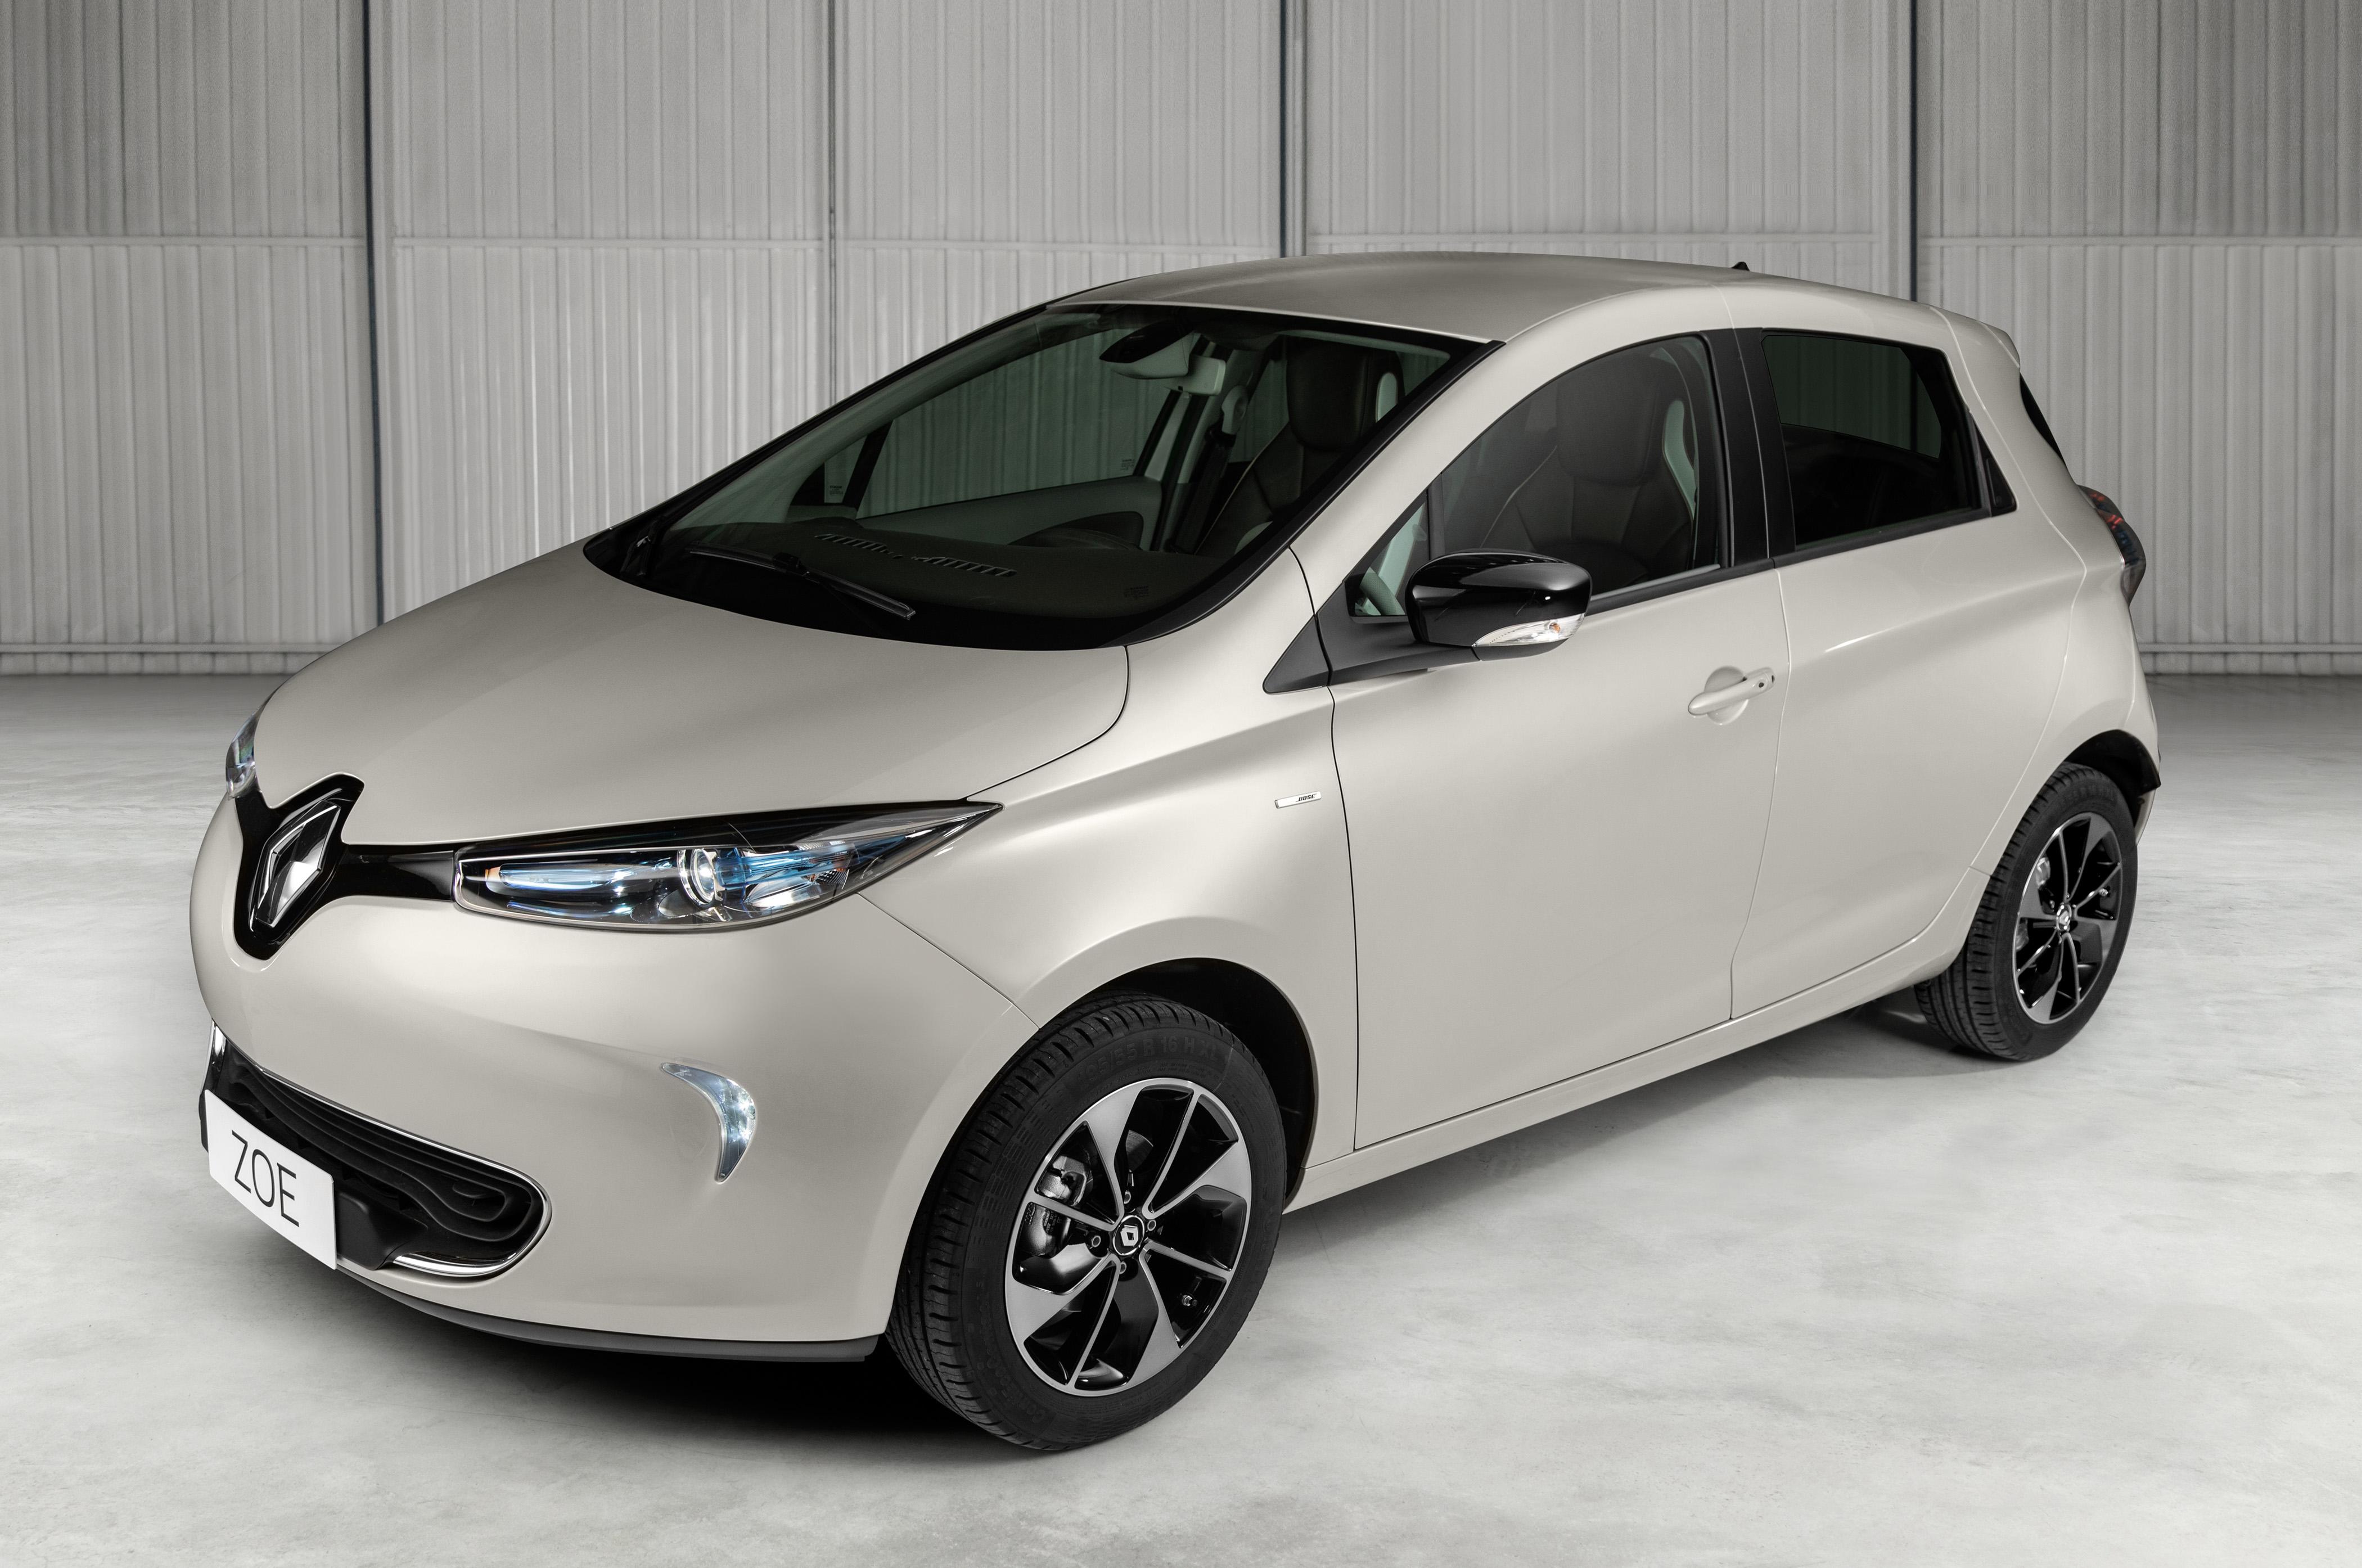 Renault inicia no Brasil a comercialização do 100% elétrico Zoe, com autonomia de mais de 300 km